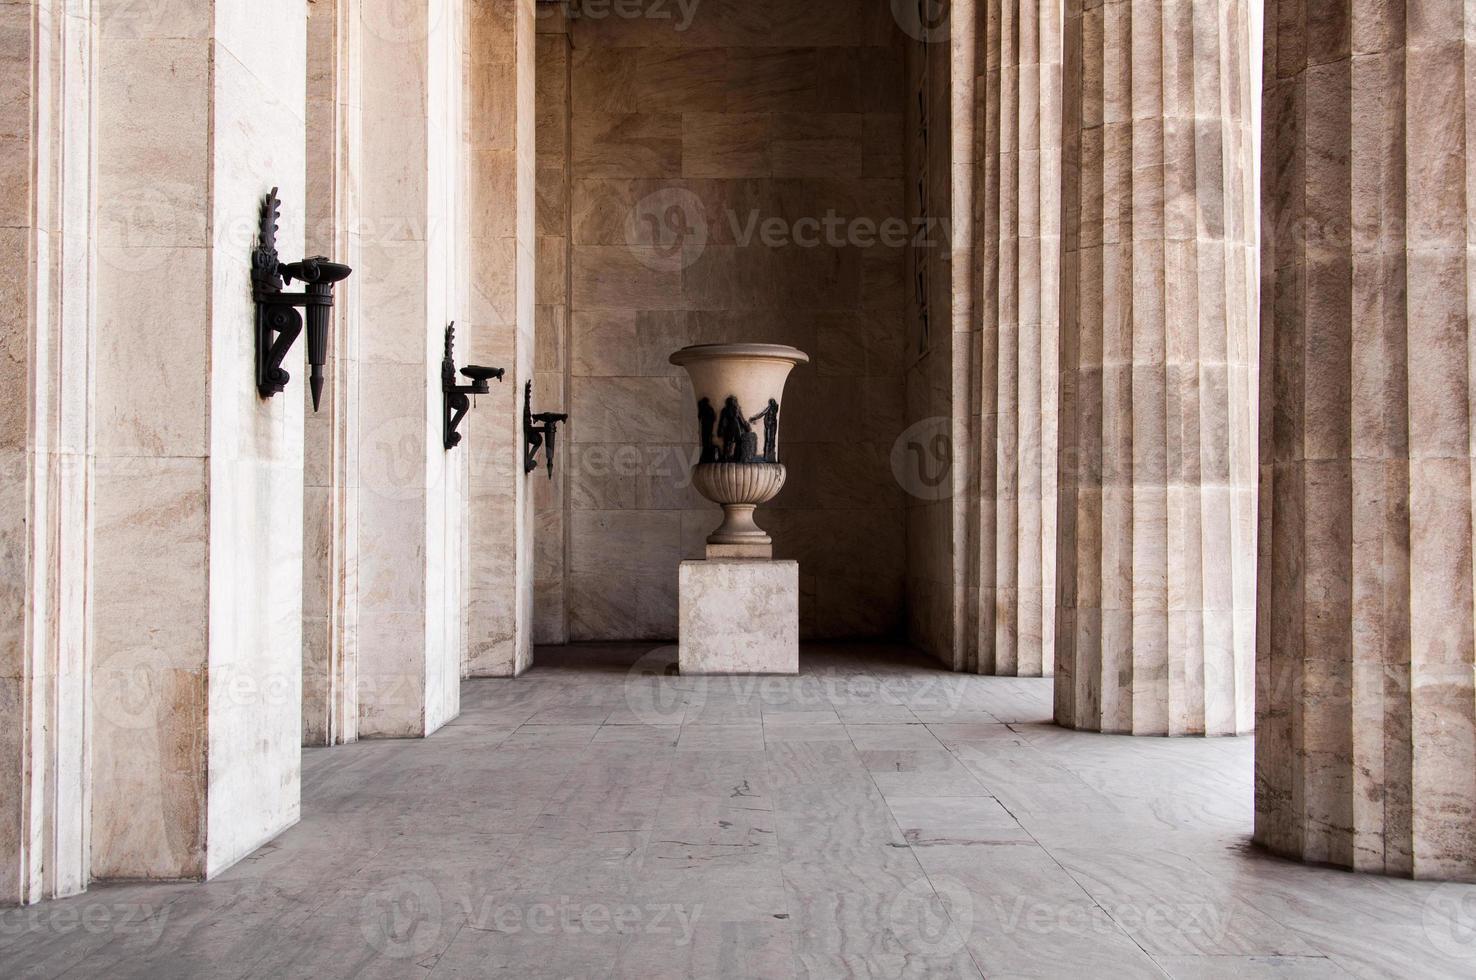 colonnade de style classique photo